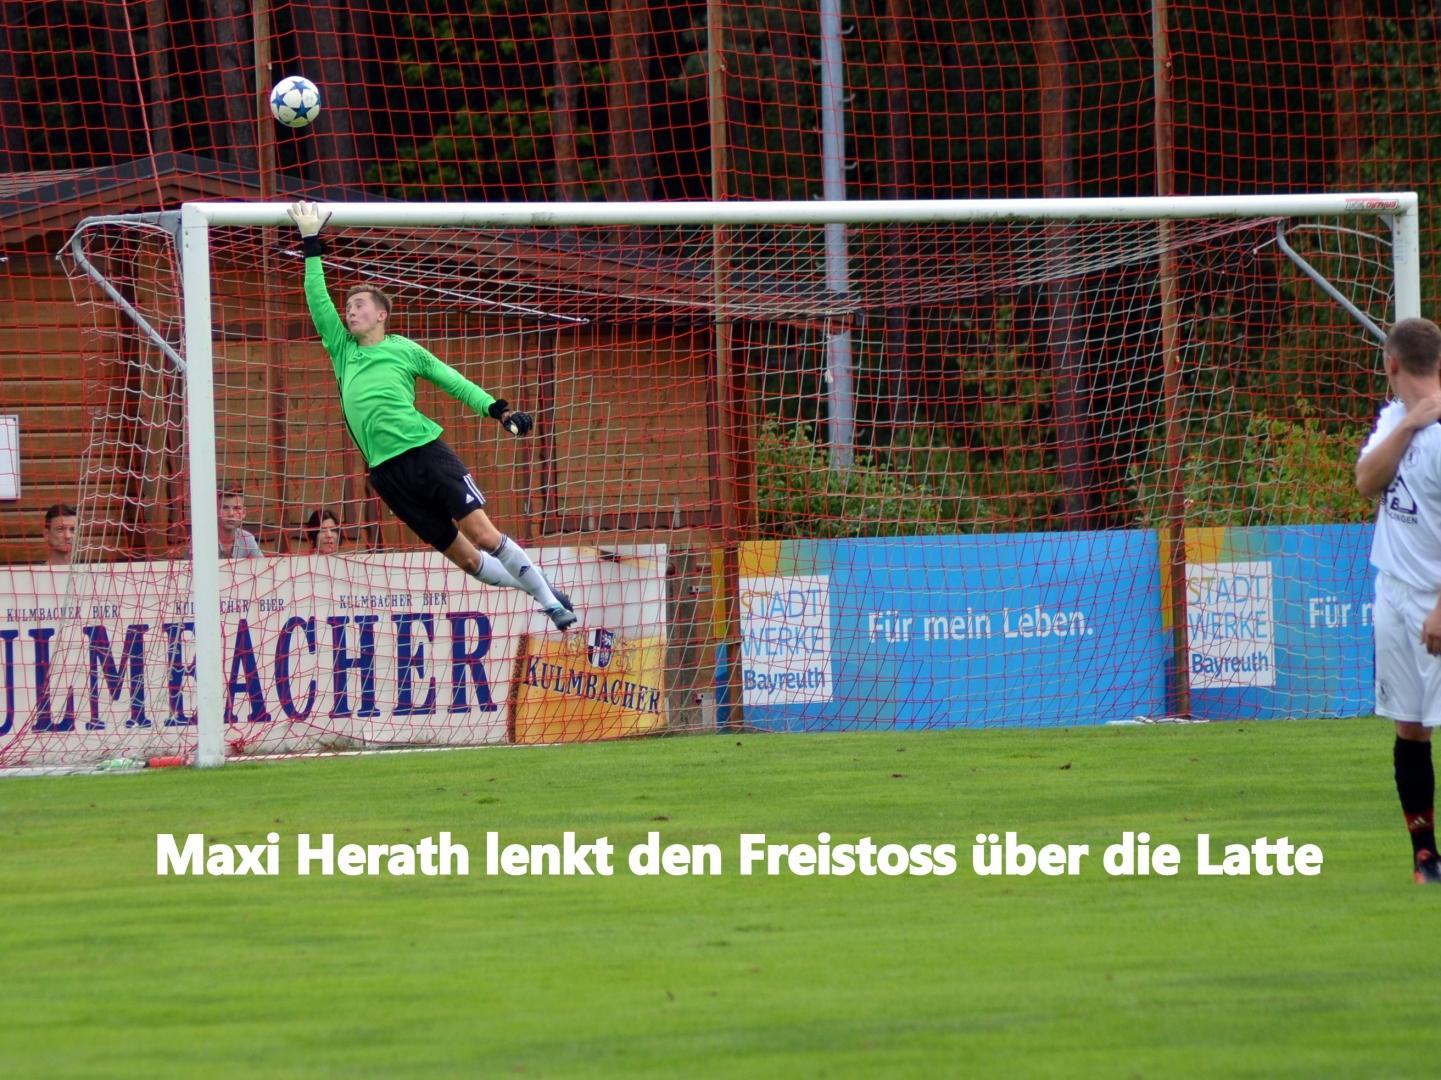 Maxi Herath lenktet hier einen Kanzer Freistoß über`s Tor